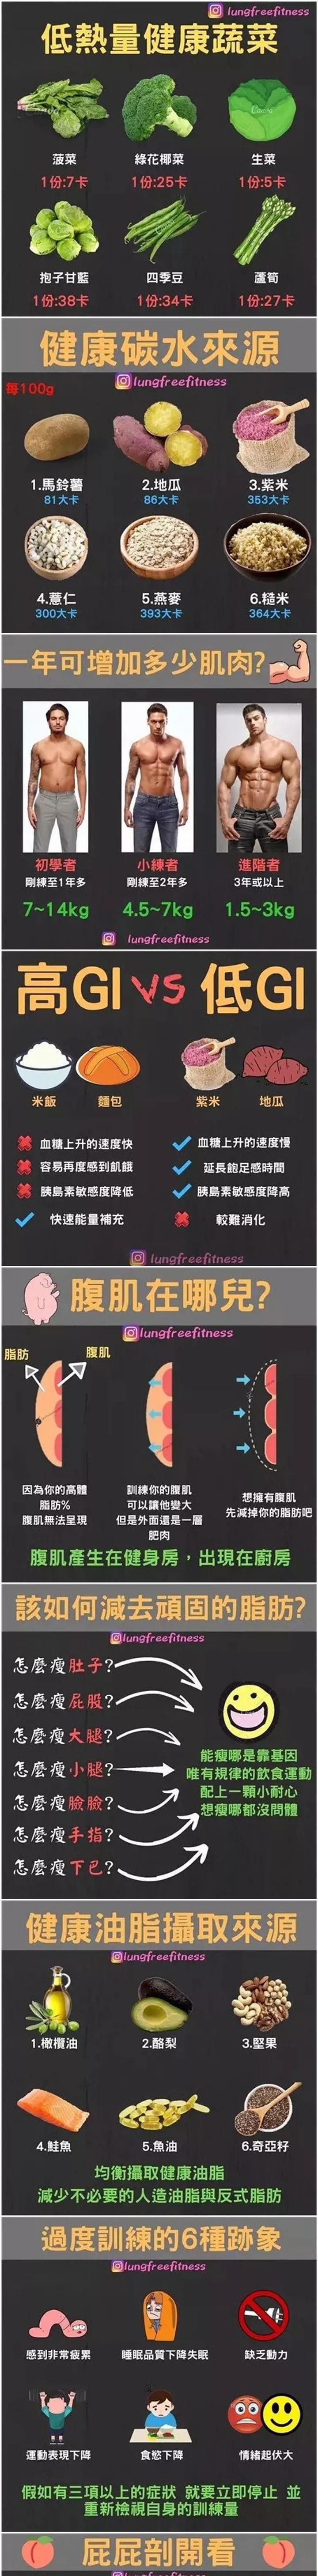 一张图让你在健身路上少走弯路!